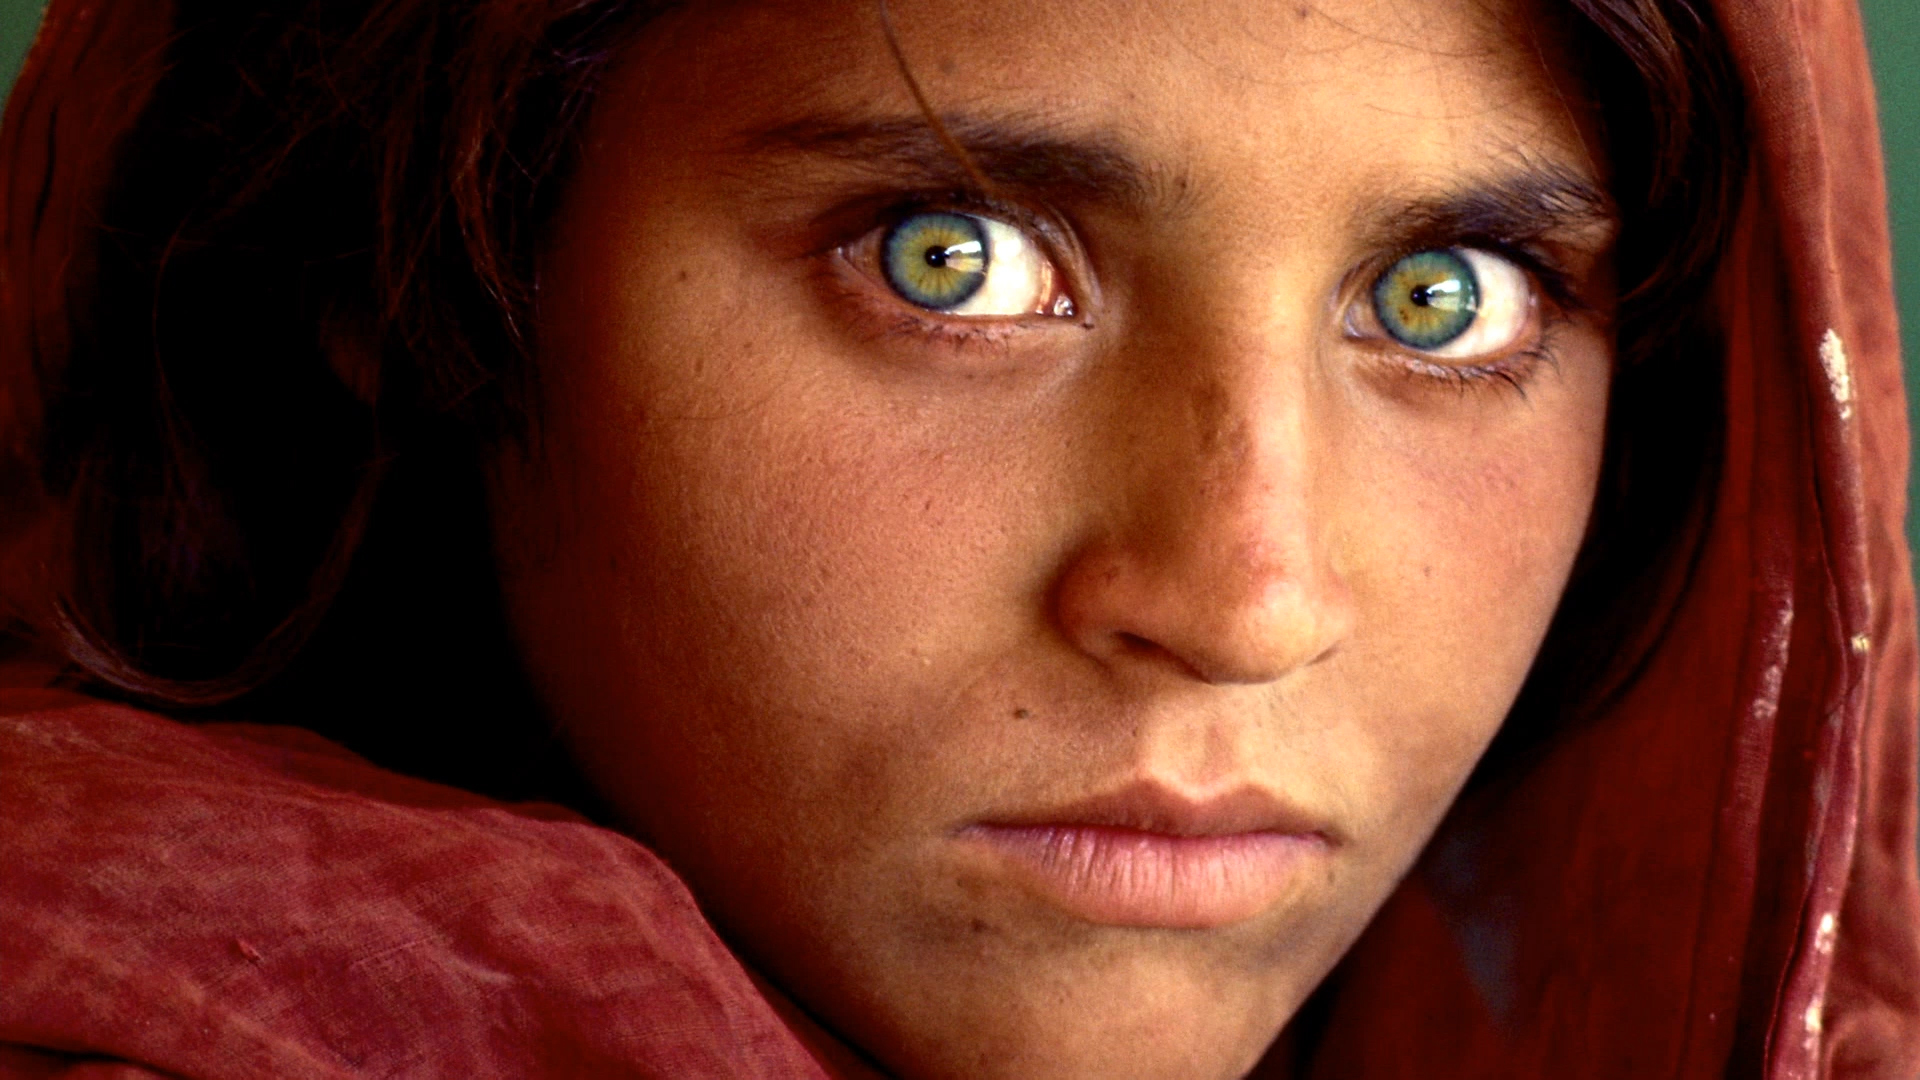 अफगान गर्ल को जल्द रिहा करेगा पाकिस्तान